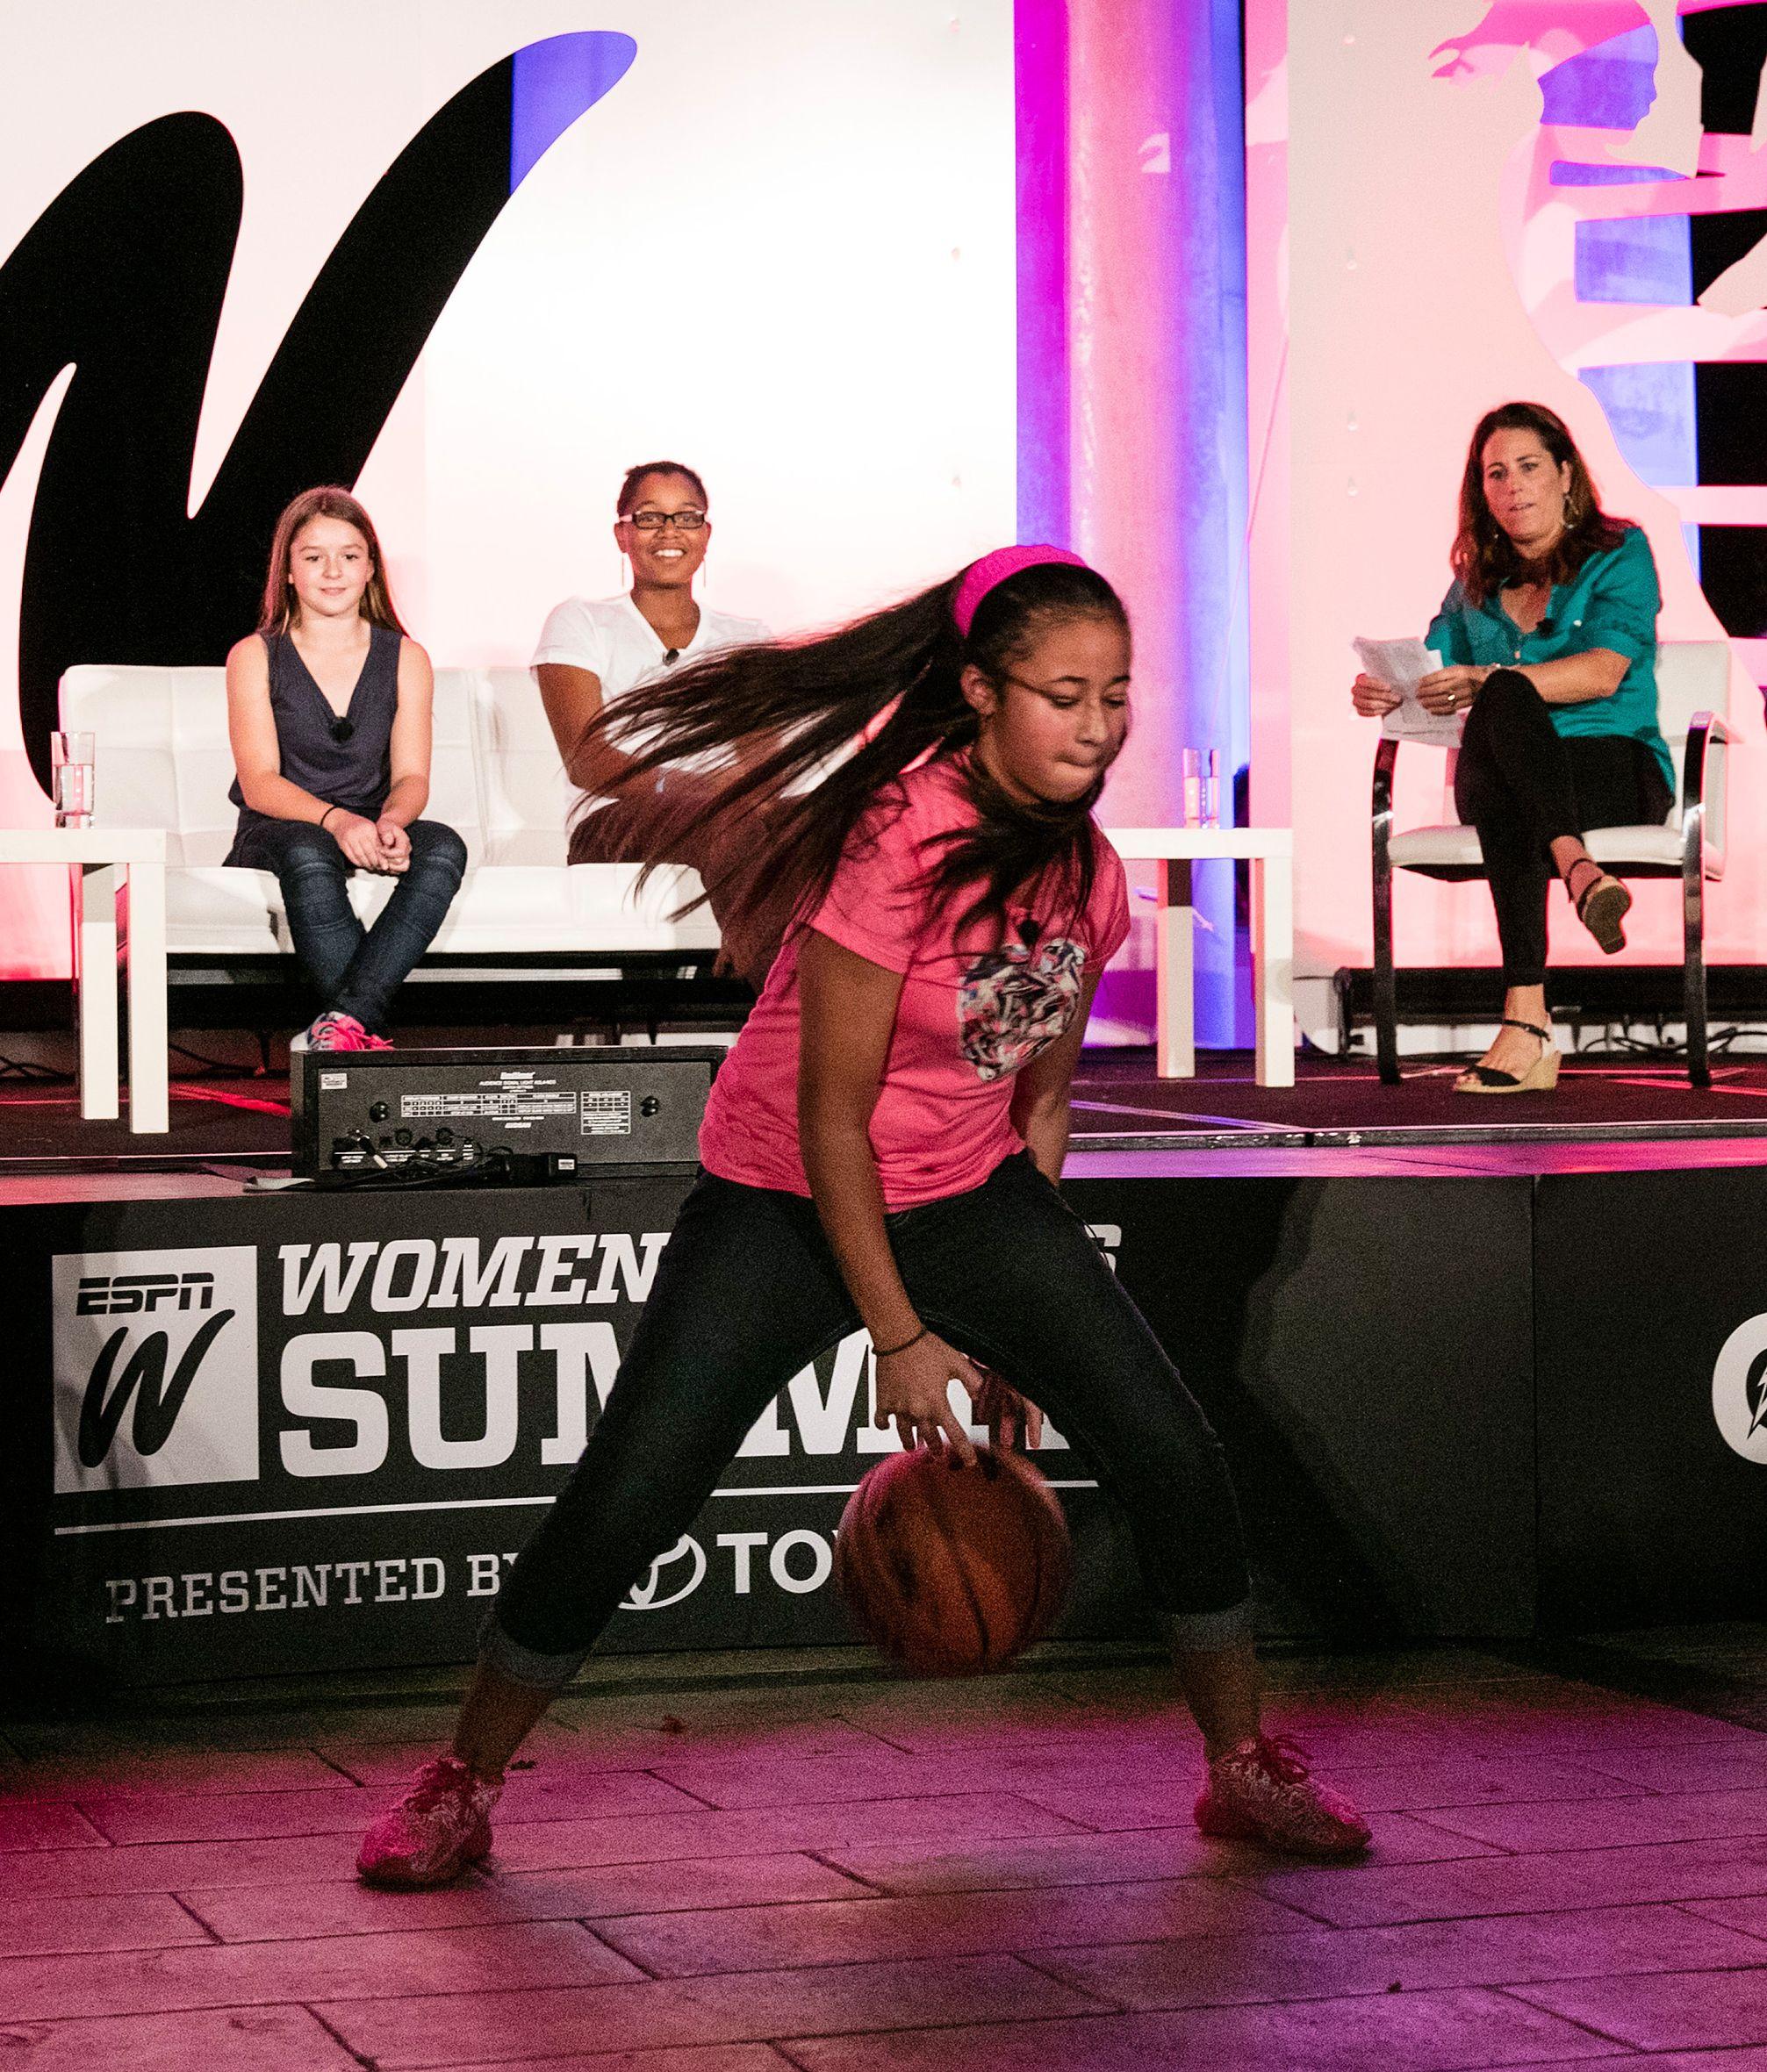 2015 espnW: Women  Sports Summit: Dribble skills